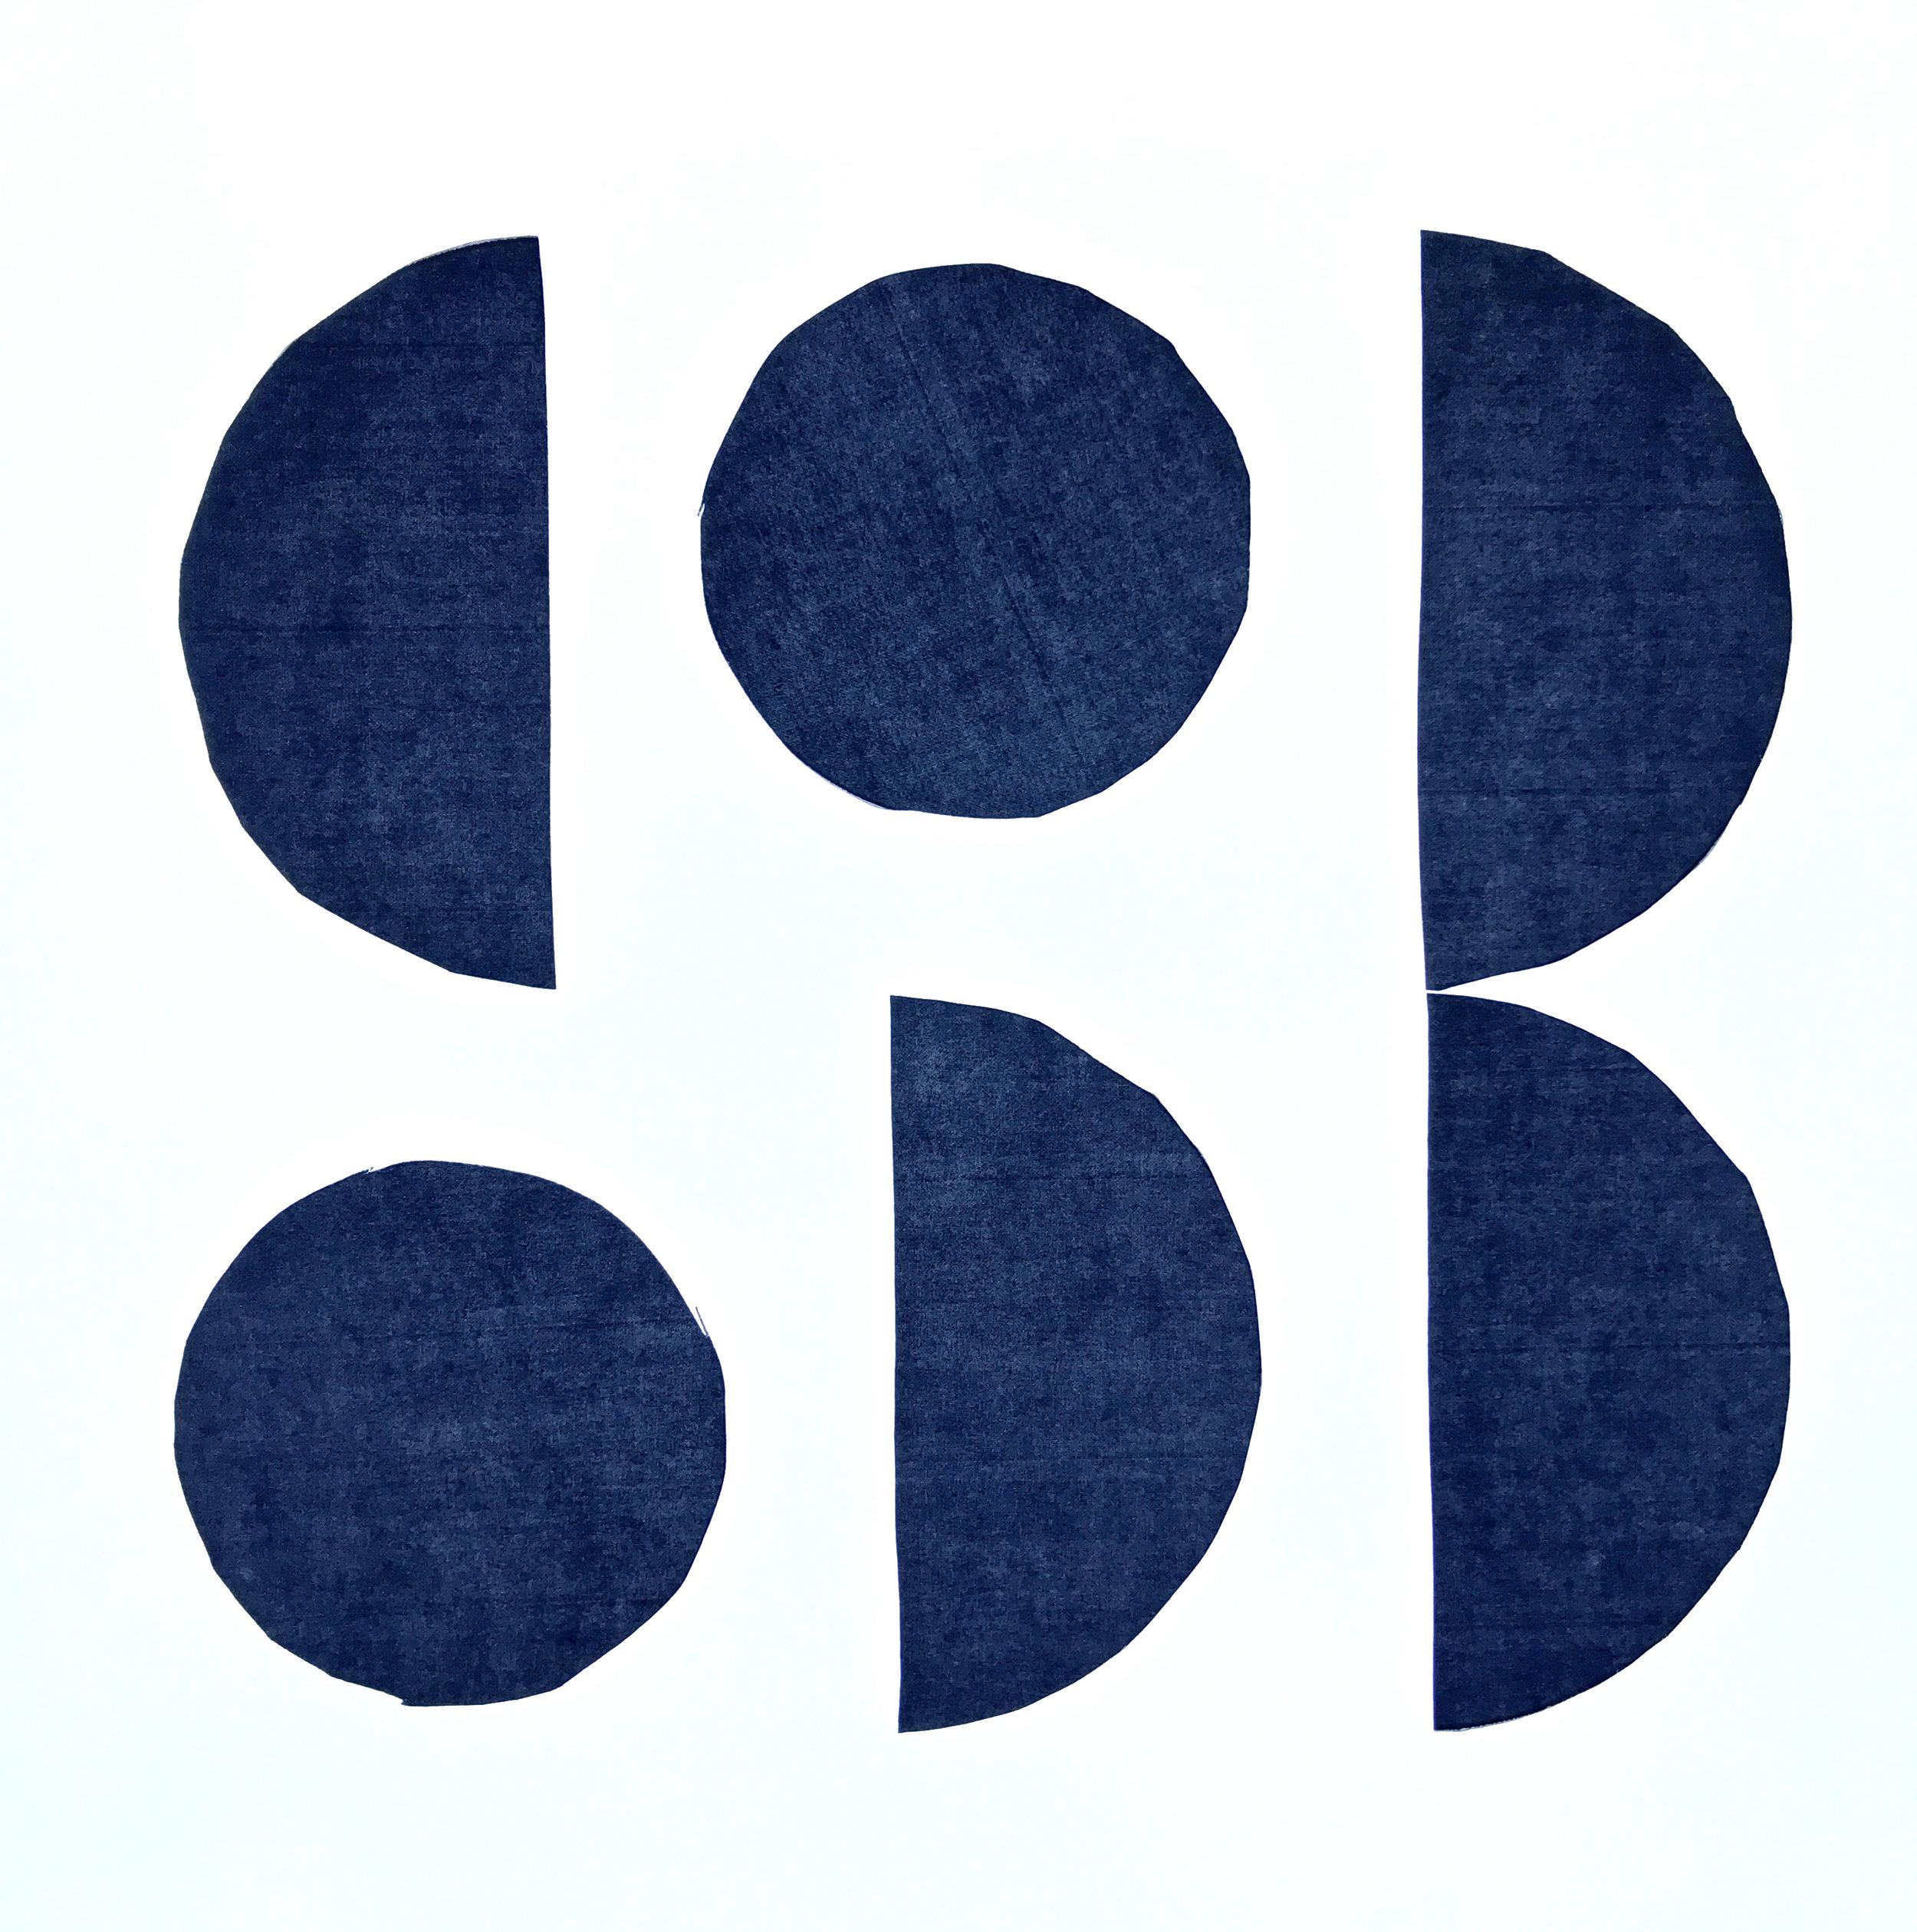 shapes_backlit_3.jpg